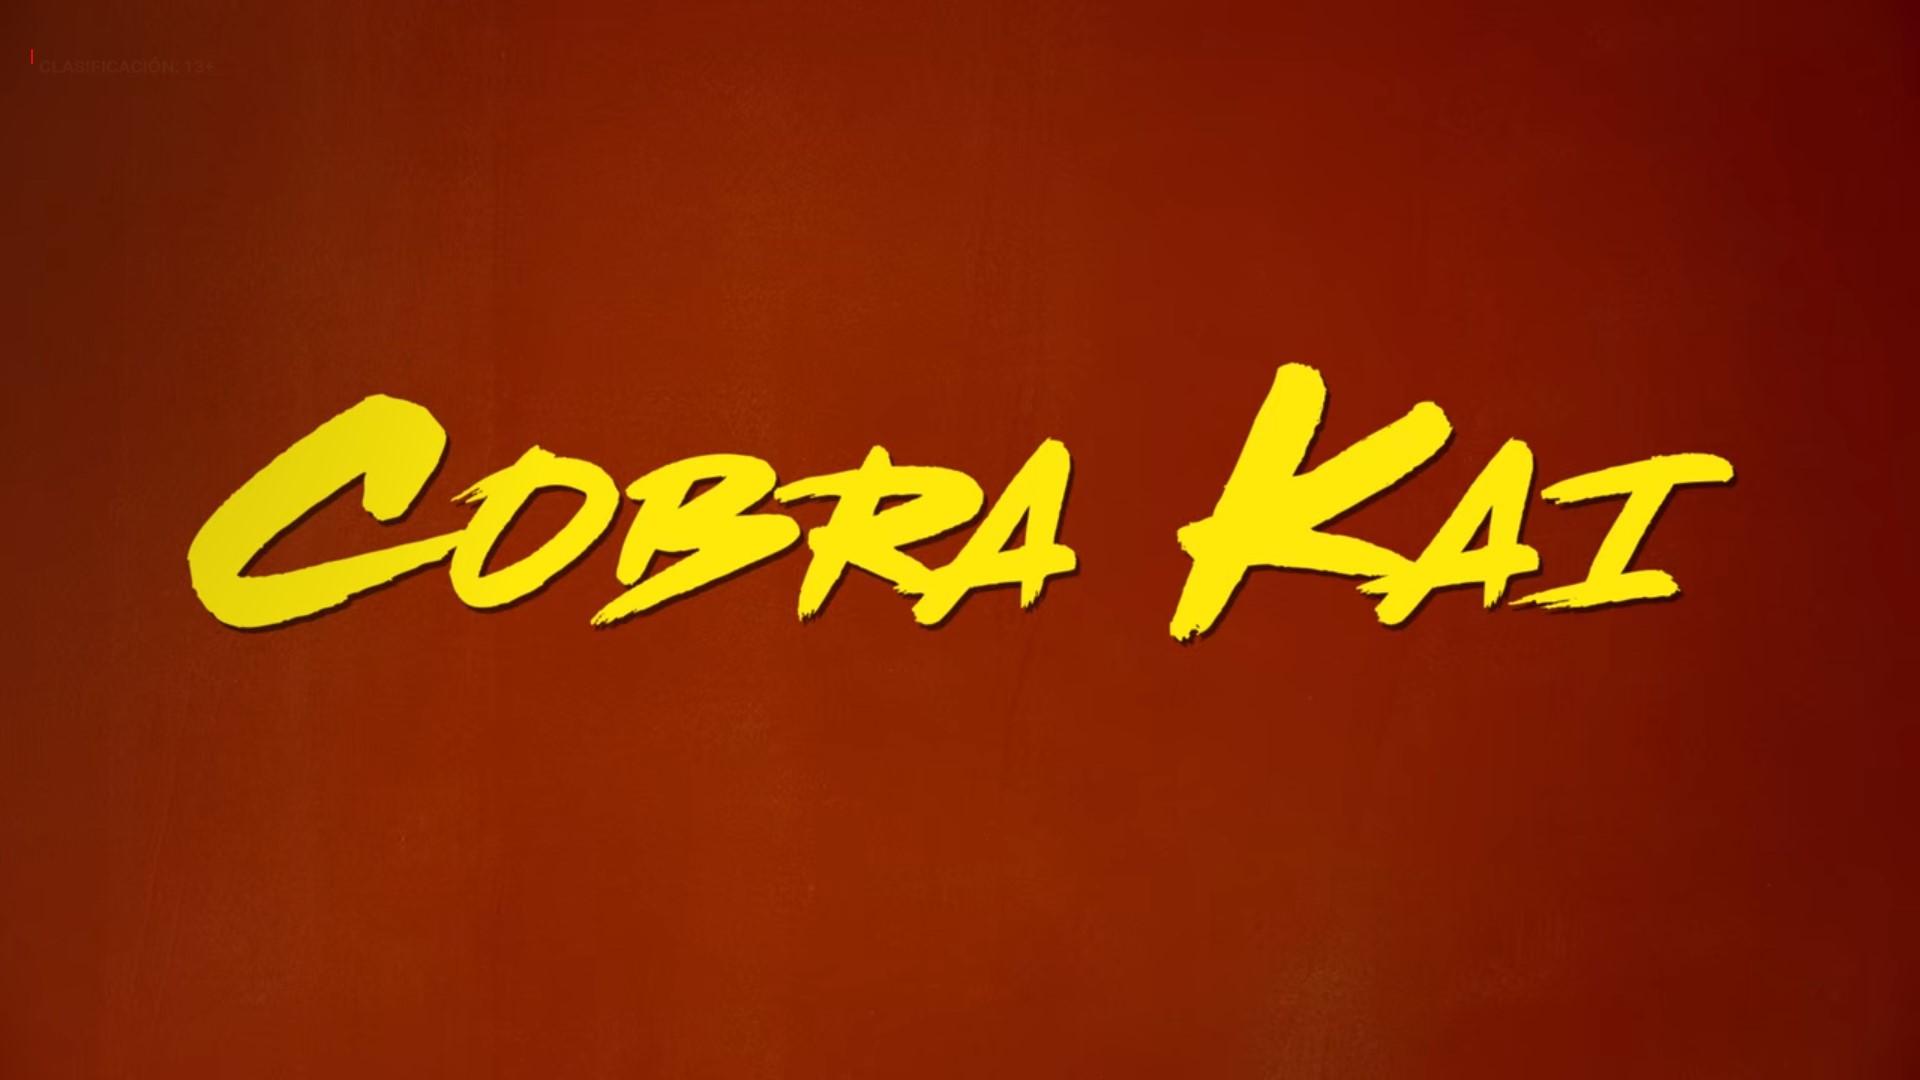 Cobra Kai 01x02